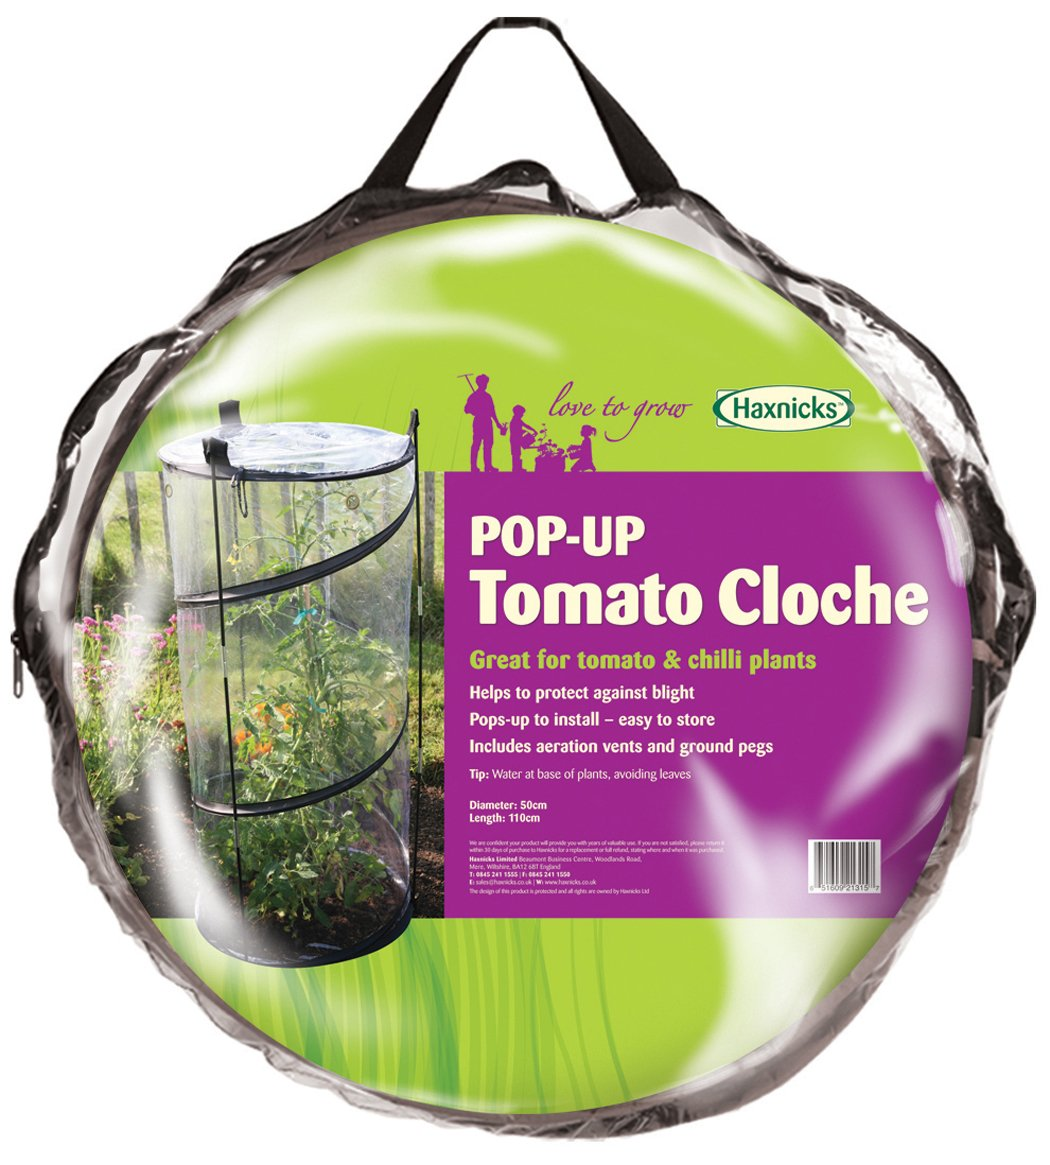 Amazon.com : Tierra Garden 50 6070 Haxnicks Twist Up Tomato Cloche : Garden  U0026 Outdoor